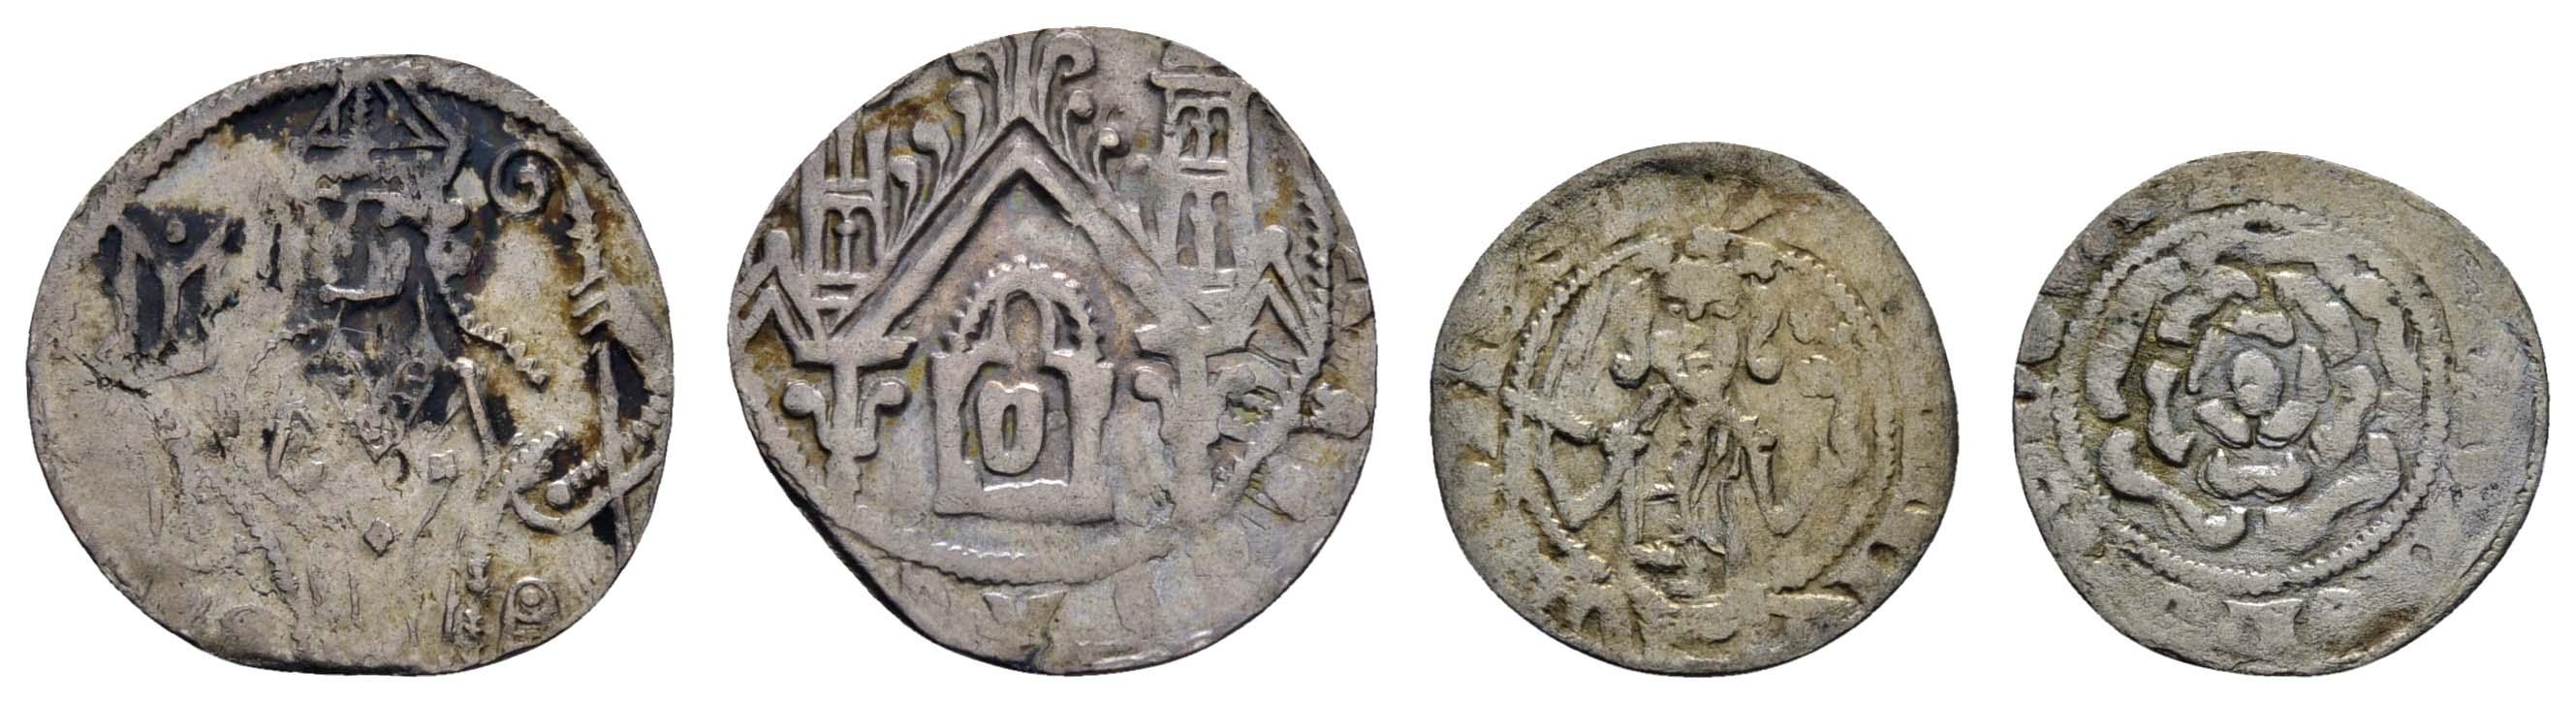 Lot 1235 - mittelalter Westfalen, Herzogtum - Erzbischöfliche kölnische Münzstätte Soest -  Auktionshaus Ulrich Felzmann GmbH & Co. KG Coins single lots